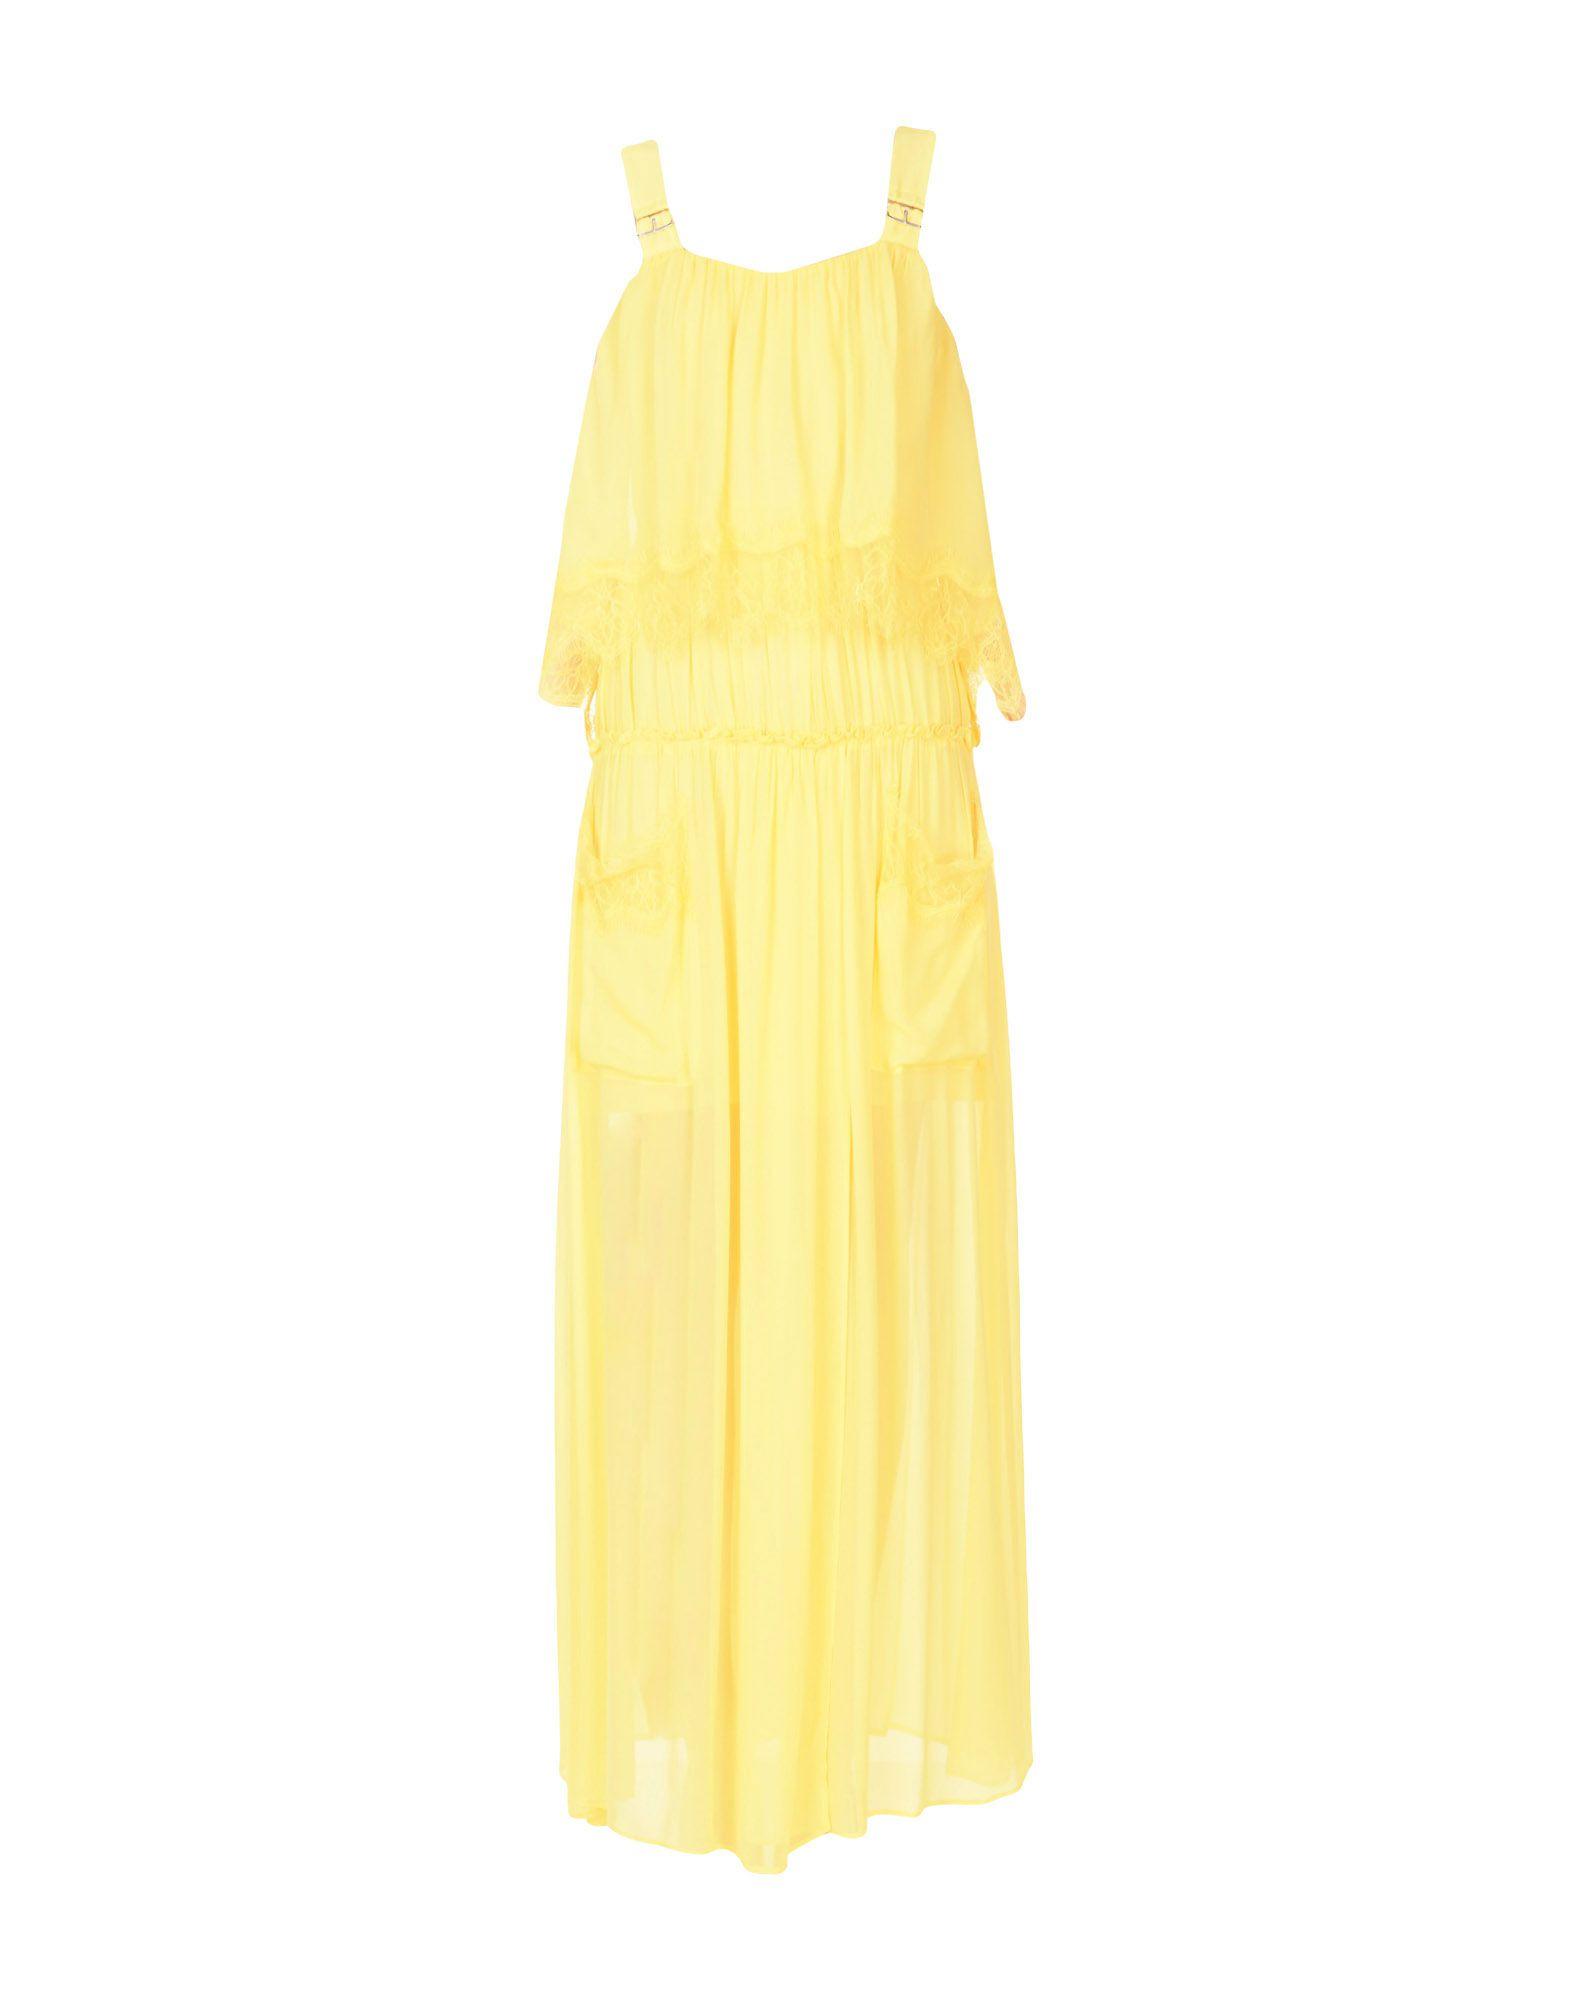 TWINSET Damen Langes Kleid Farbe Gelb Größe 5